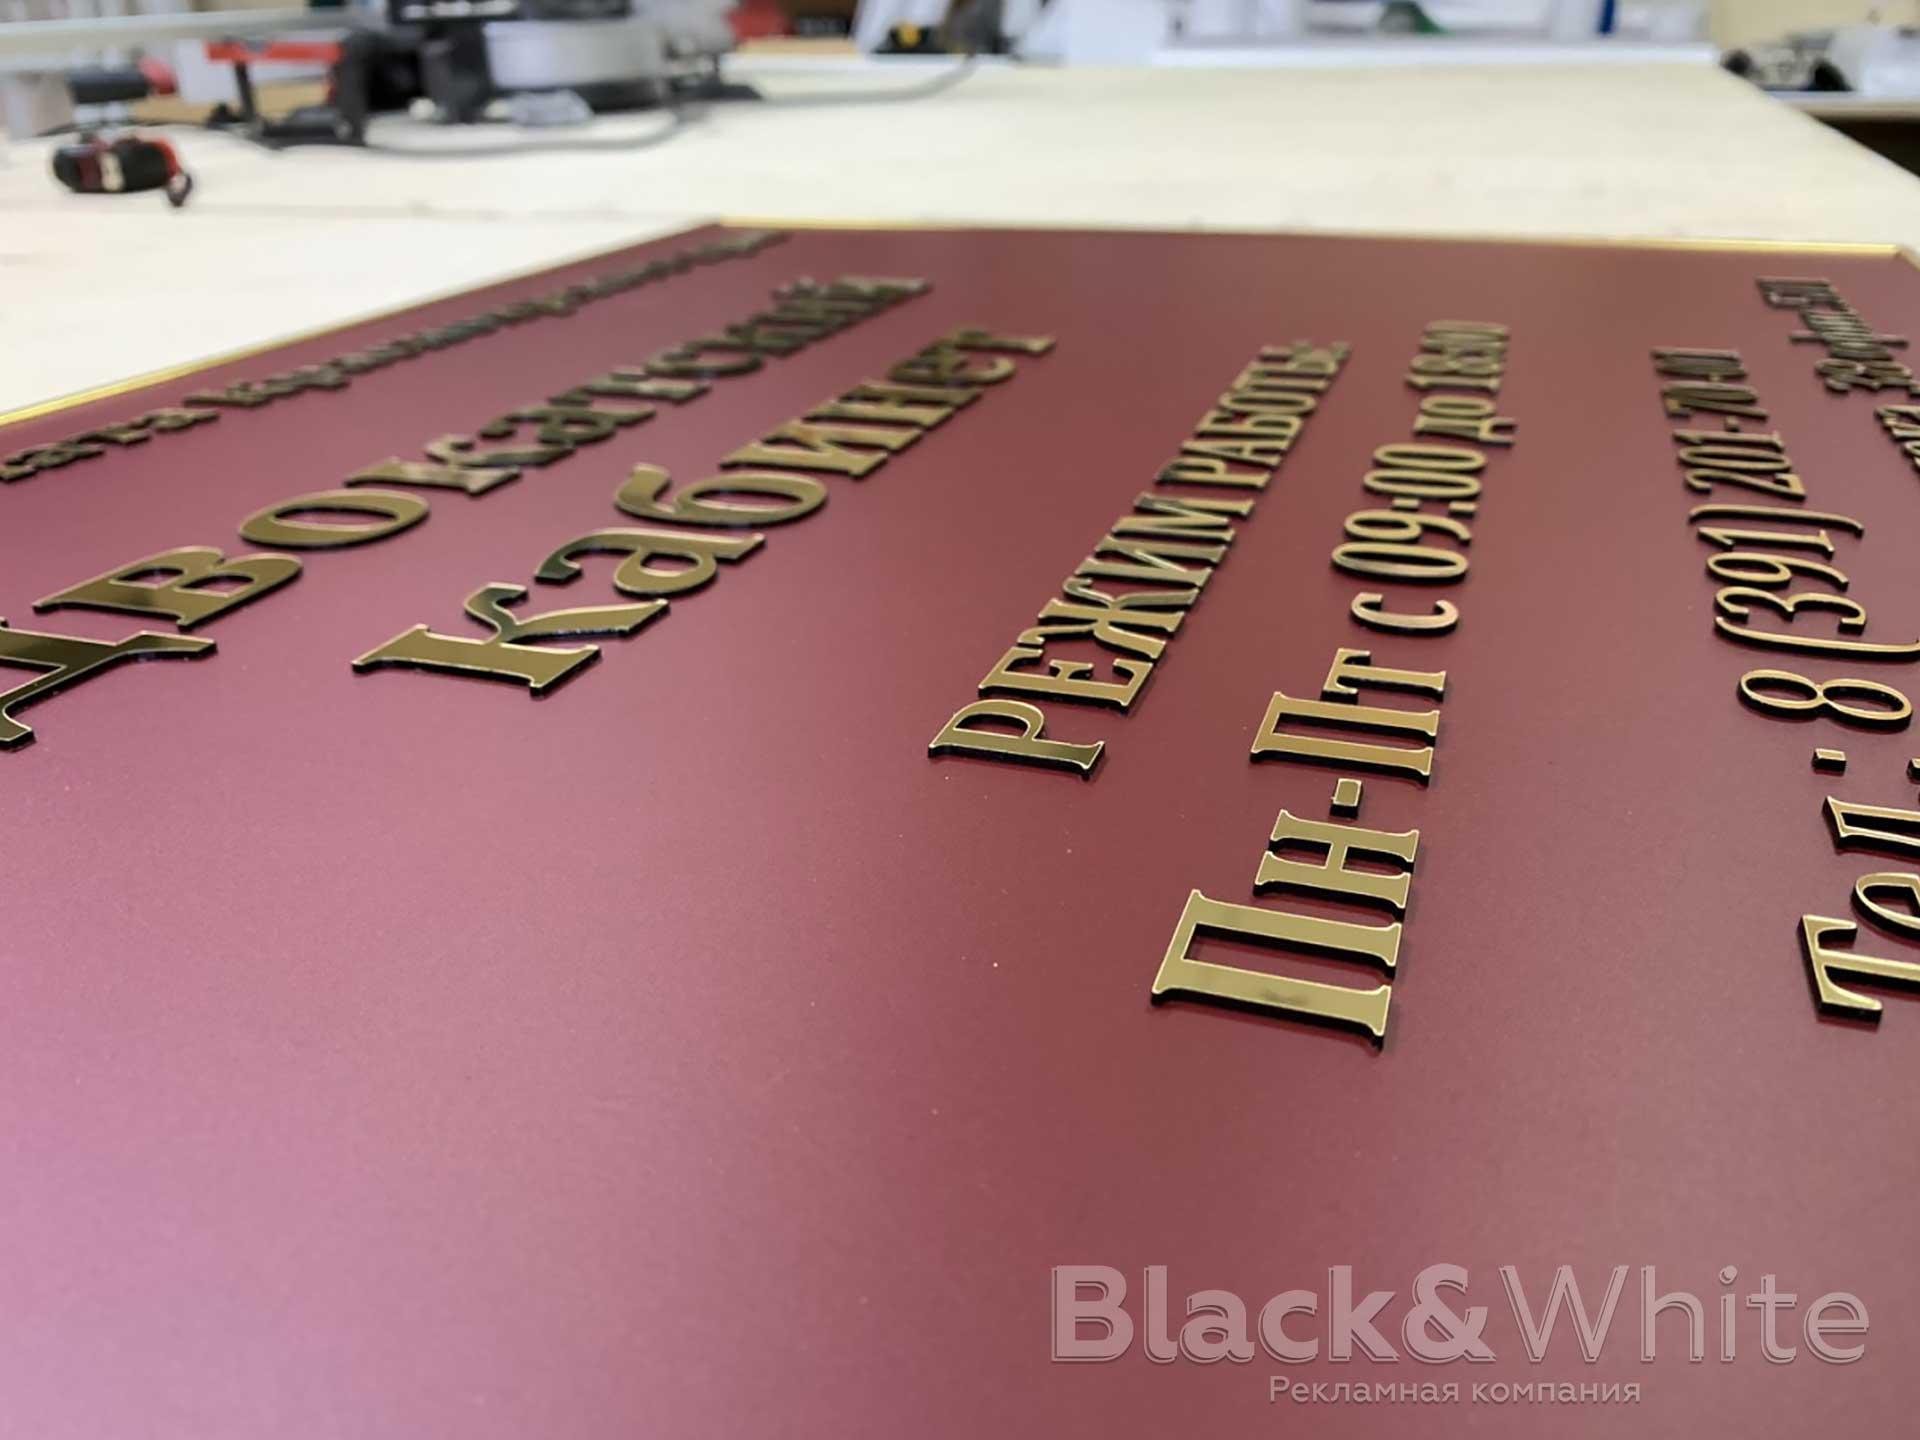 фасадная-табличка-в-профиле-нильсон-с-золотыми-буквами-красноярск-заказать.jpg